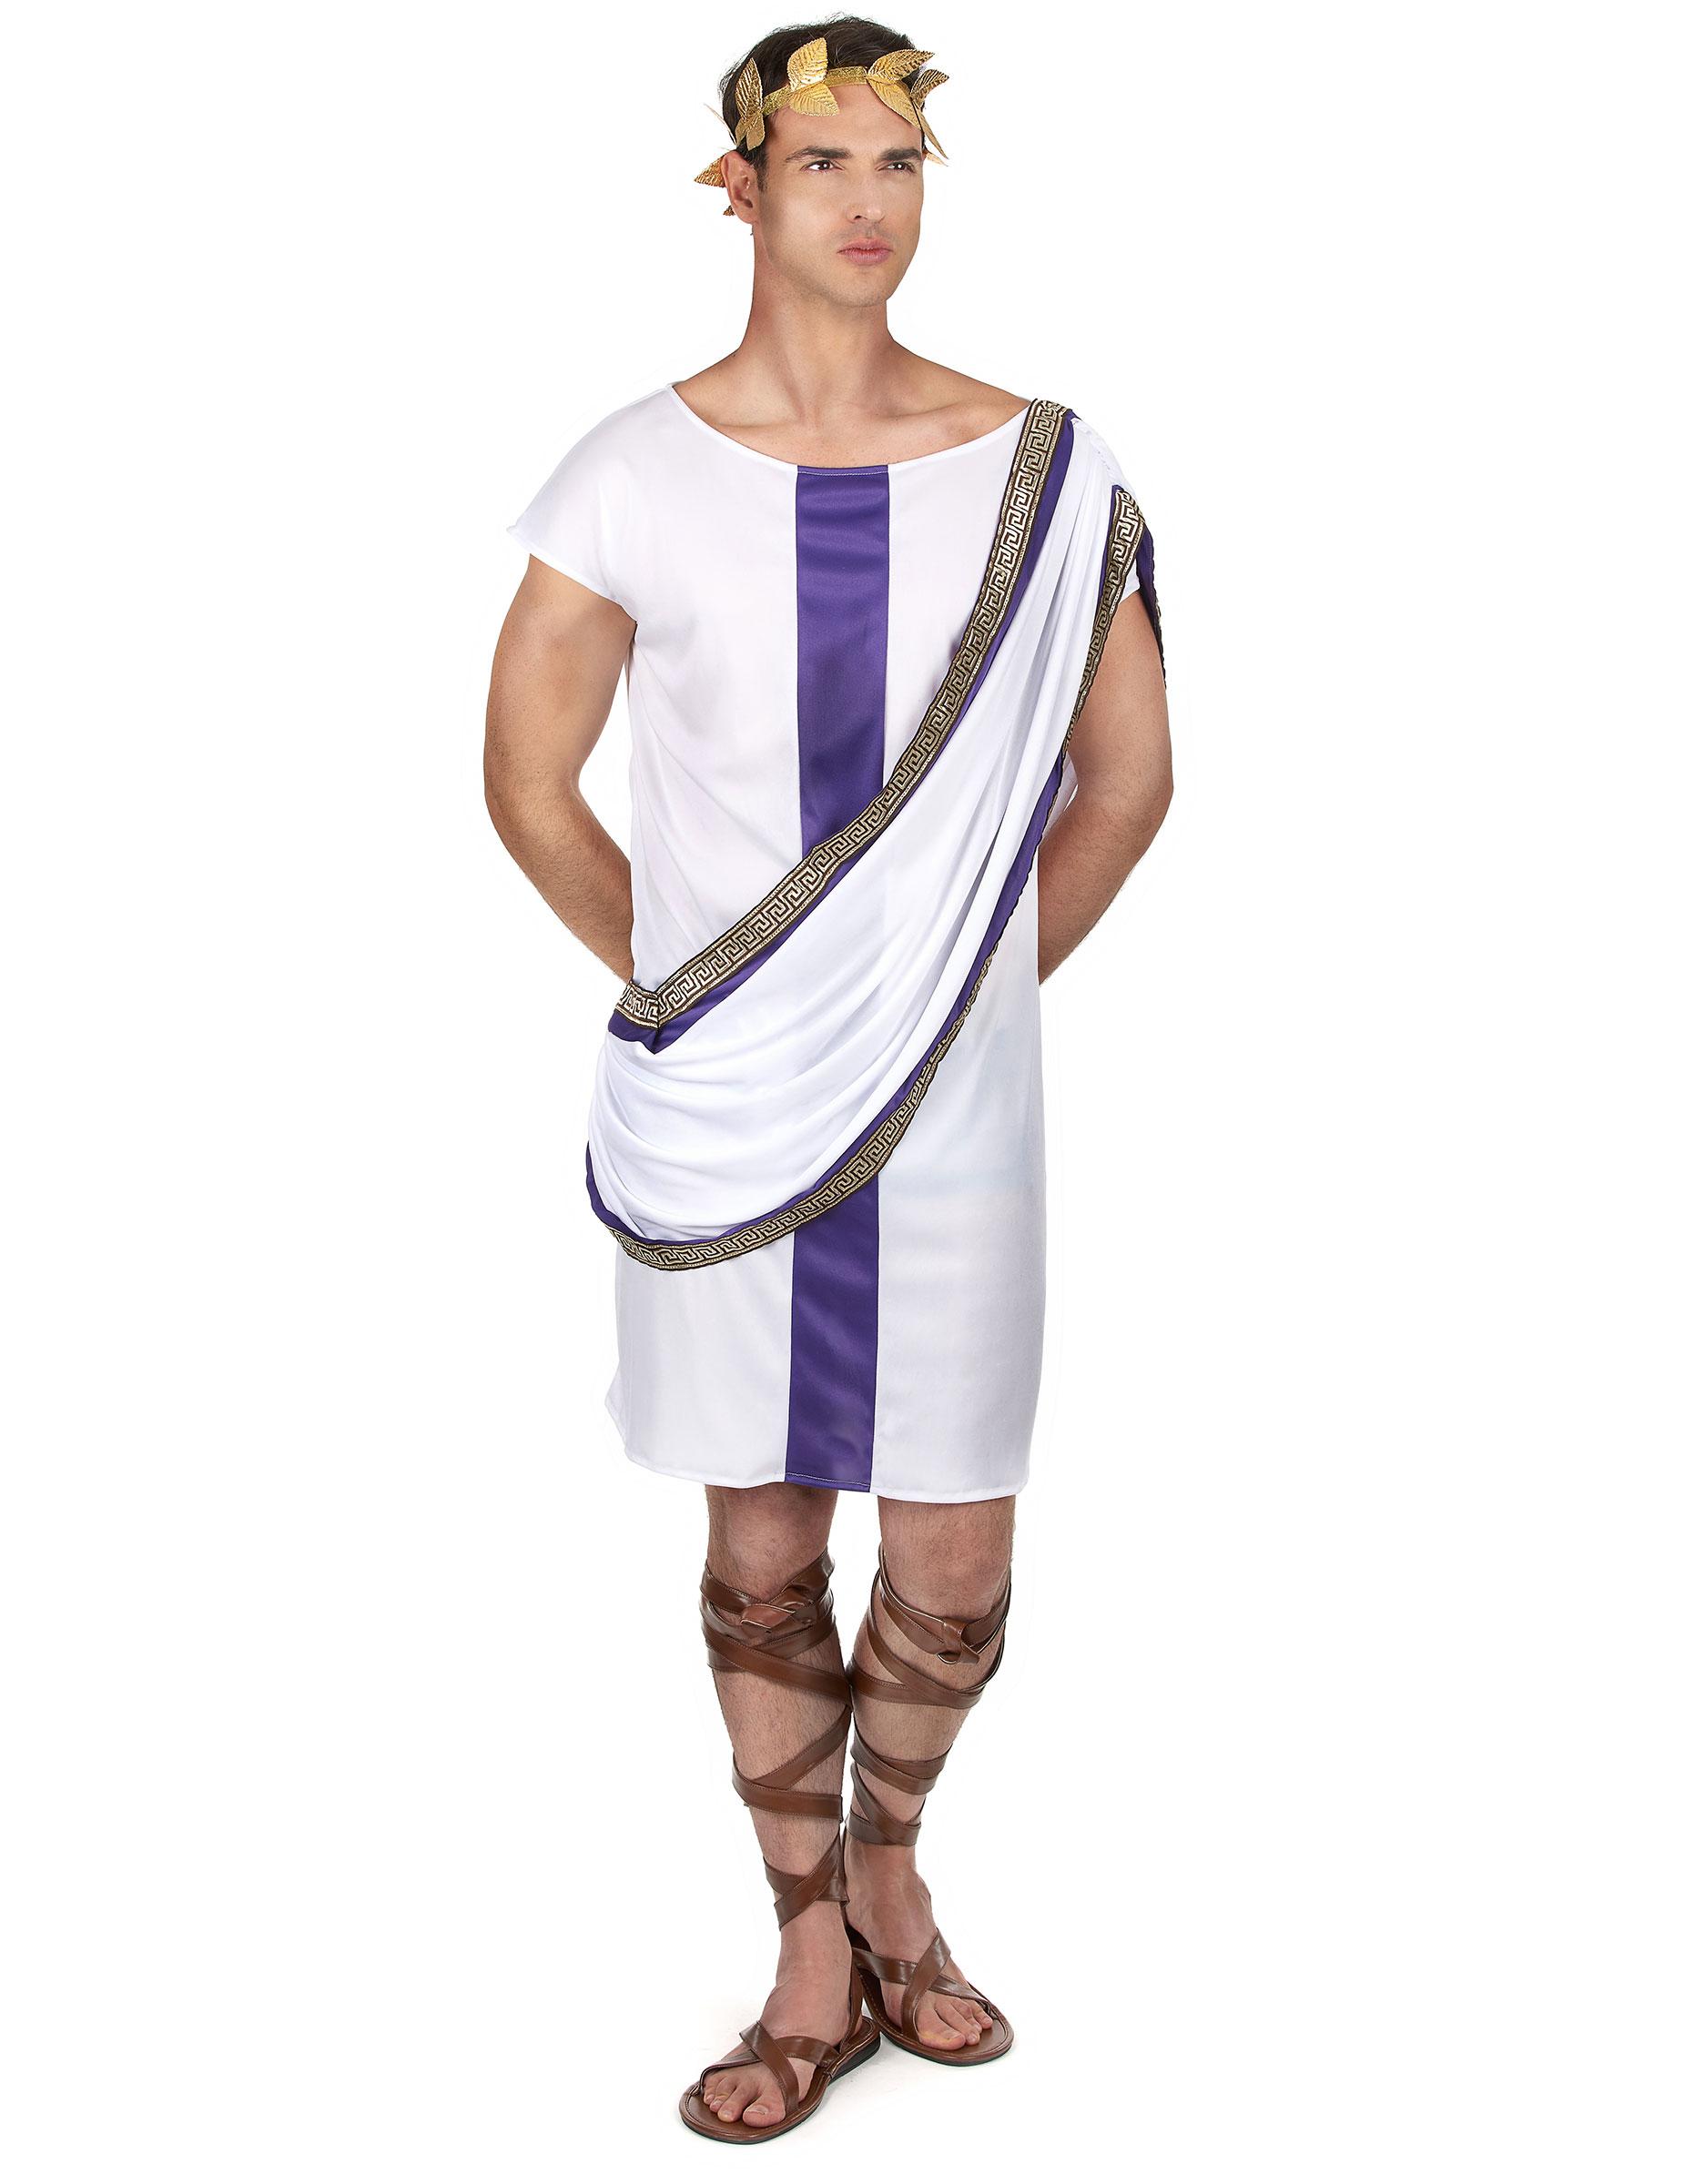 ingrosso costumi di carnevale online millemaschere ingrosso vestiti ci carnevale cis di nola napoli costumi di carnevale.